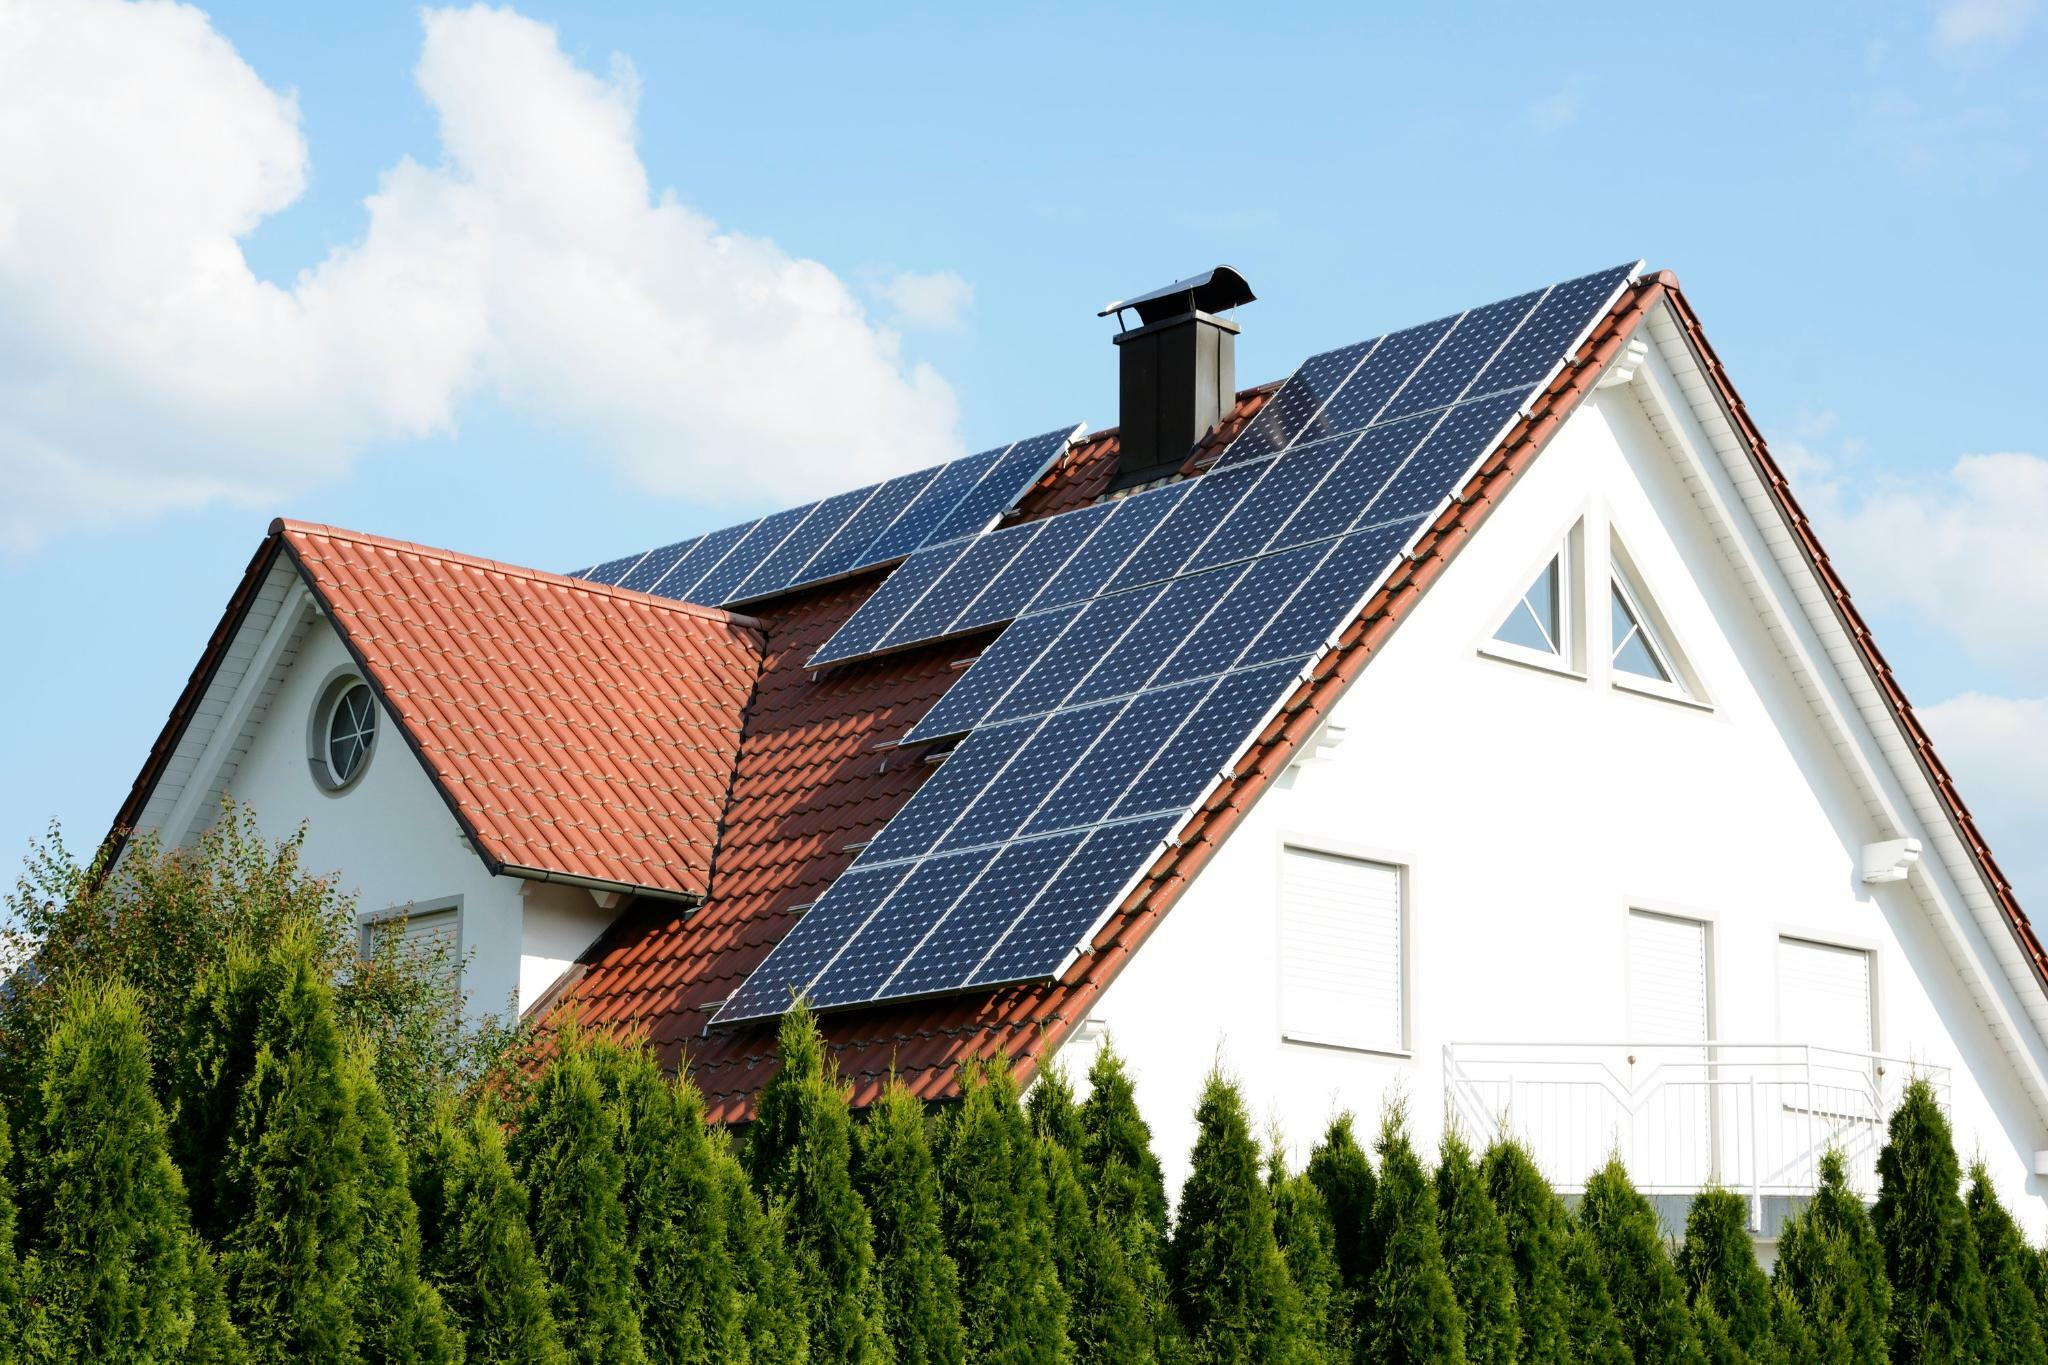 Immobilien: KfW-Zuschüsse für energetische Sanierungen steigen